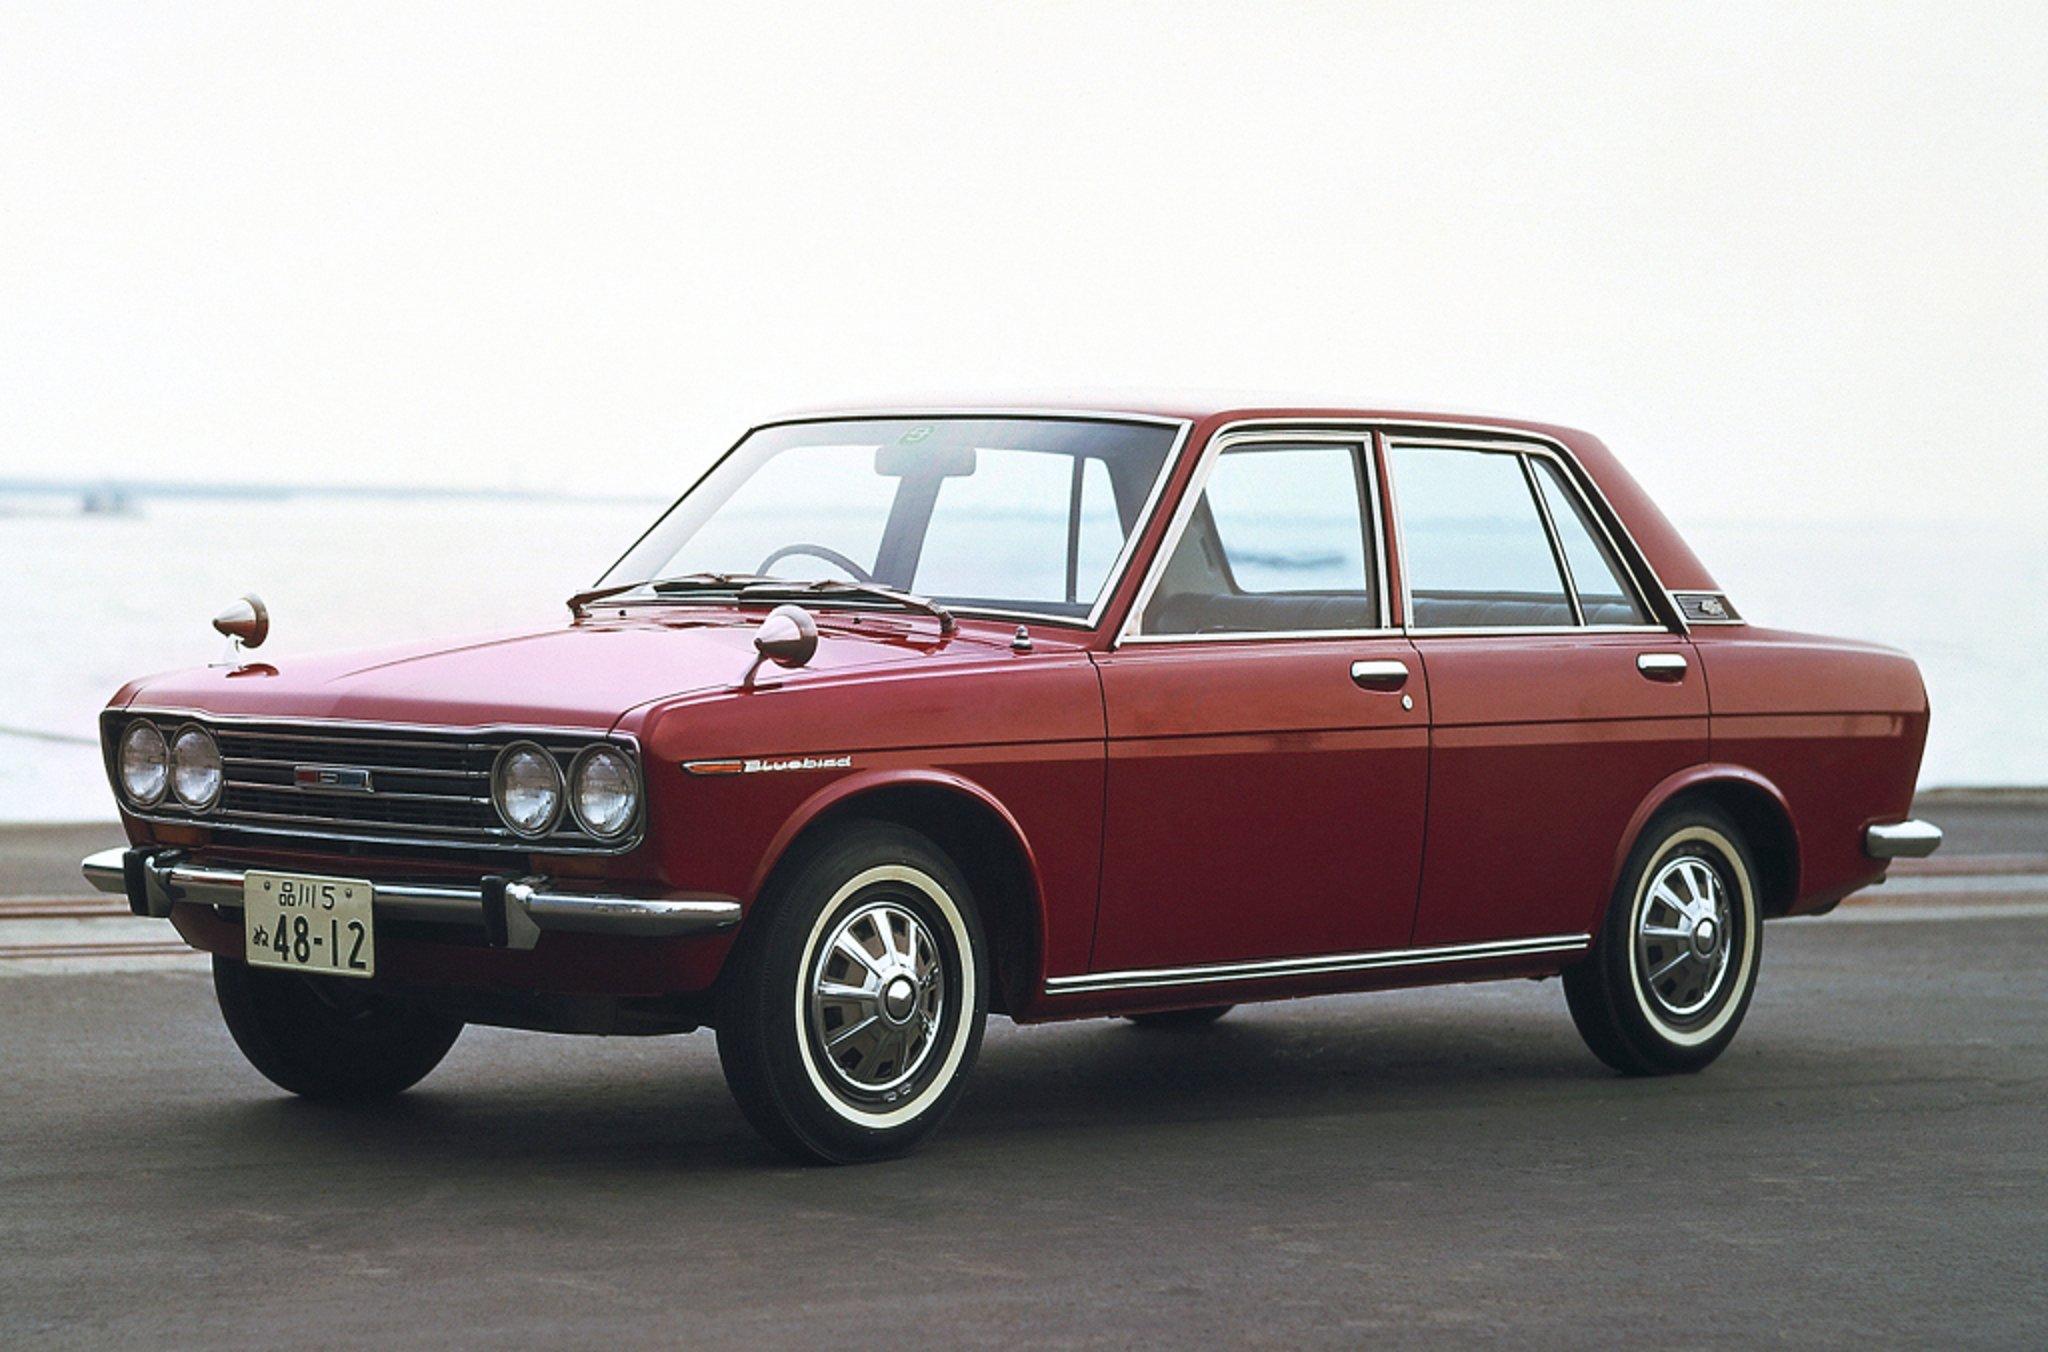 Datsun 510 Bluebird 1600